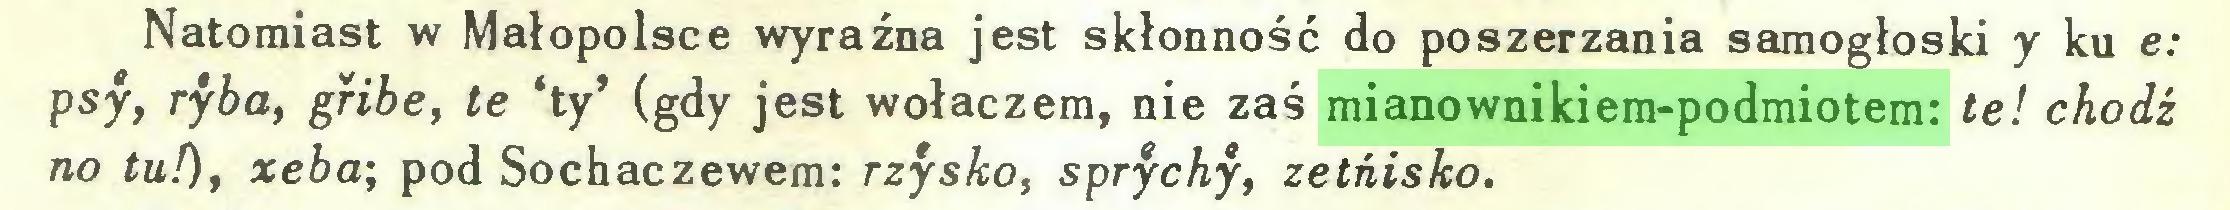 (...) Natomiast w Małopolsce wyraźna jest skłonność do poszerzania samogłoski y ku e: psy, ryba, gribe, te 'ty' (gdy jest wołaczem, nie zaś mianownikiem-podmiotem: te! chodź no tu!), xeba; pod Sochaczewem: rżysko, sprychy, zetńisko...